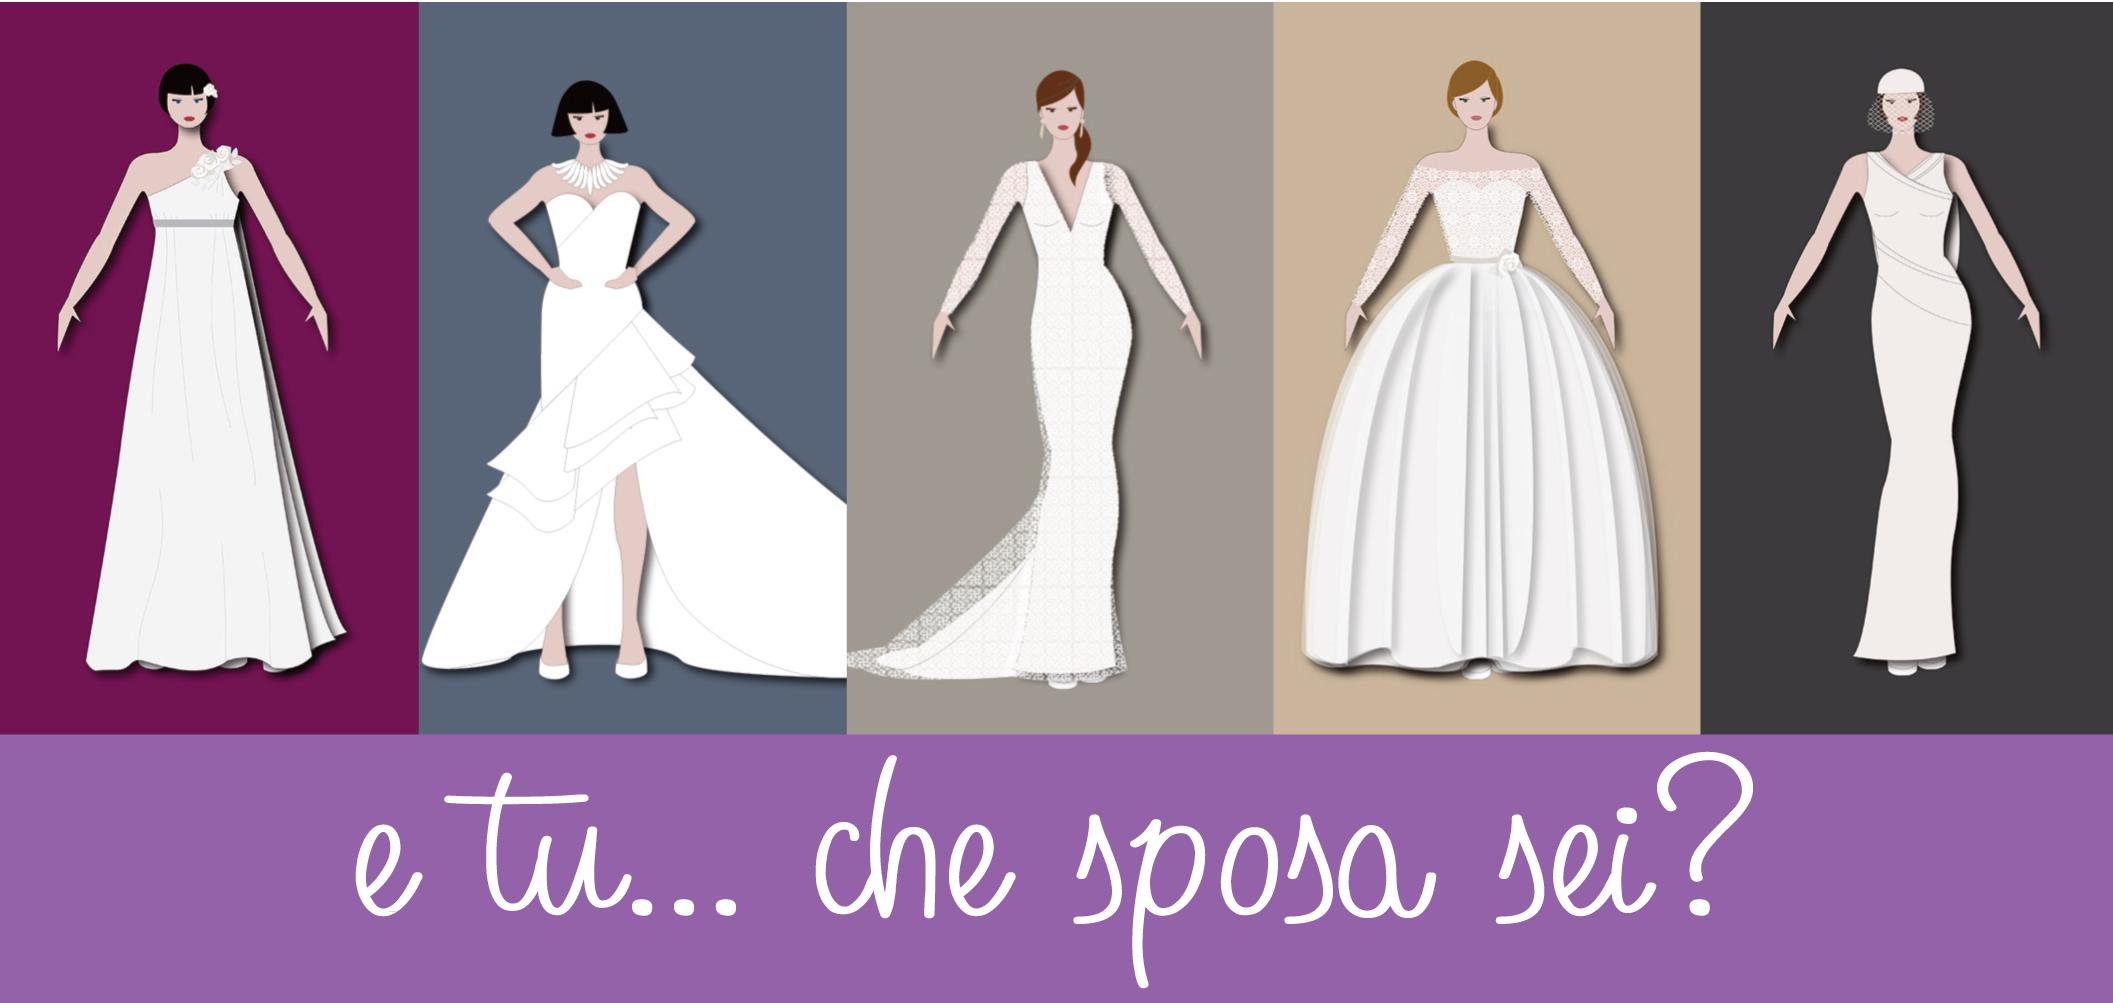 cinque disegni di figurini di abiti da sposa